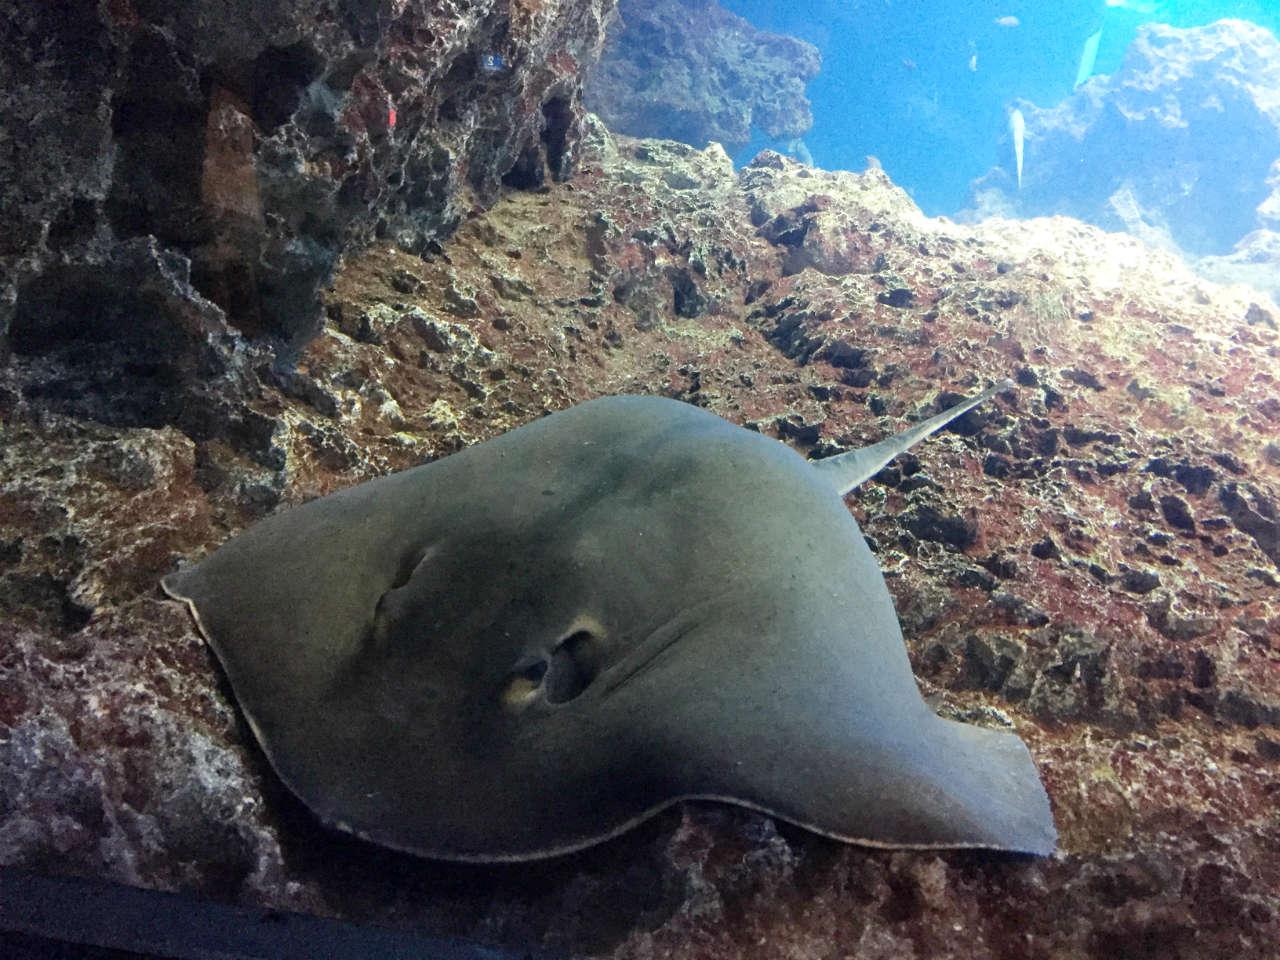 kyoto-aquarium-ei